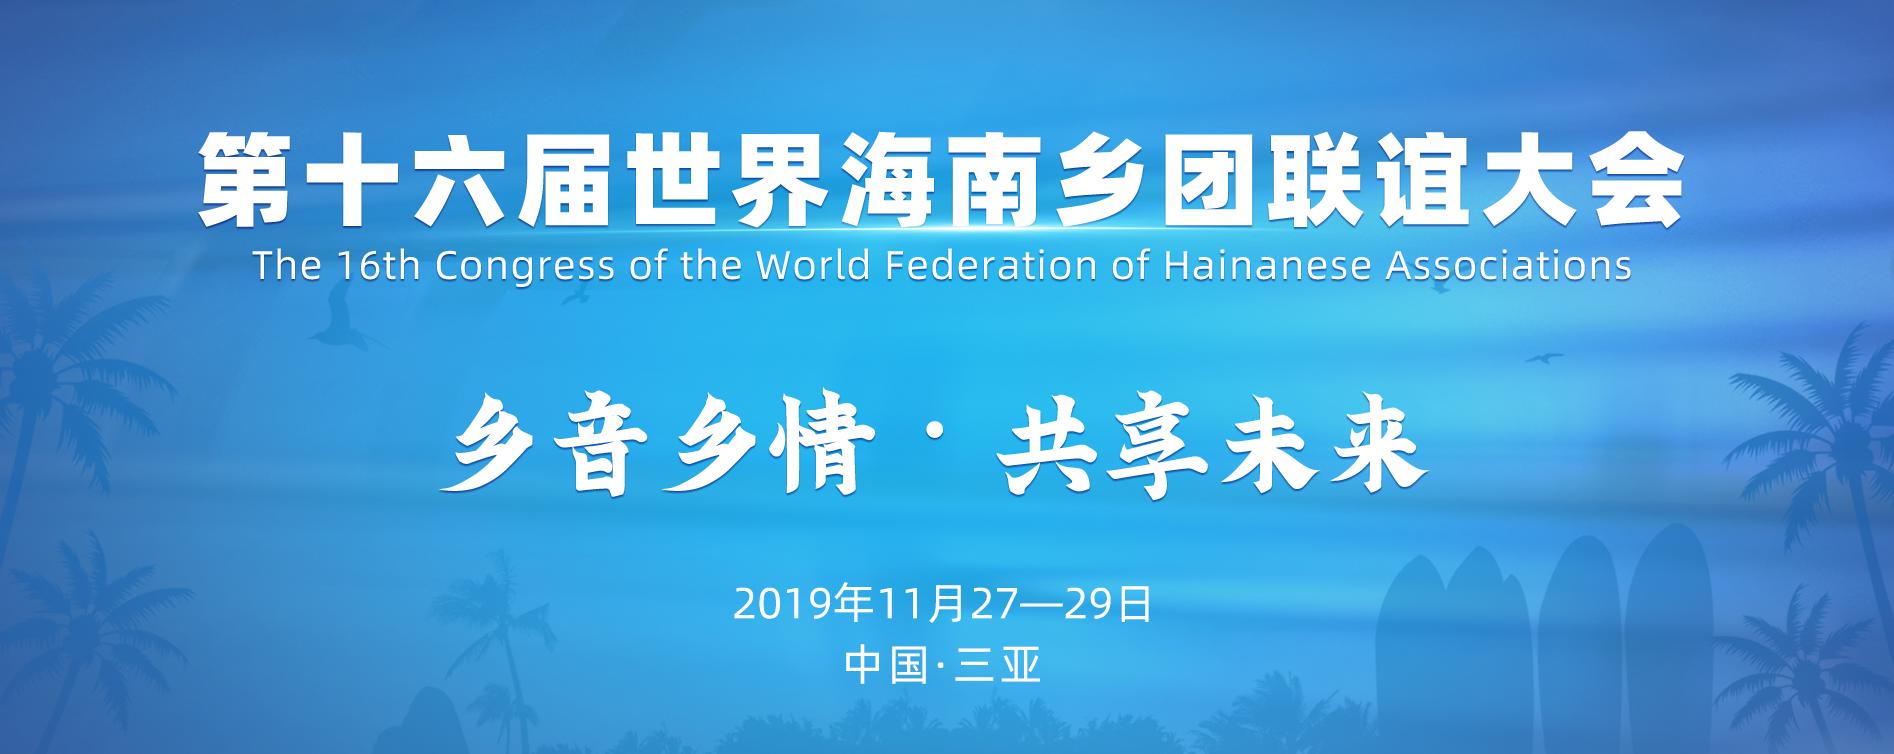 http://www.gyw007.com/nanhaijiaoyu/417762.html